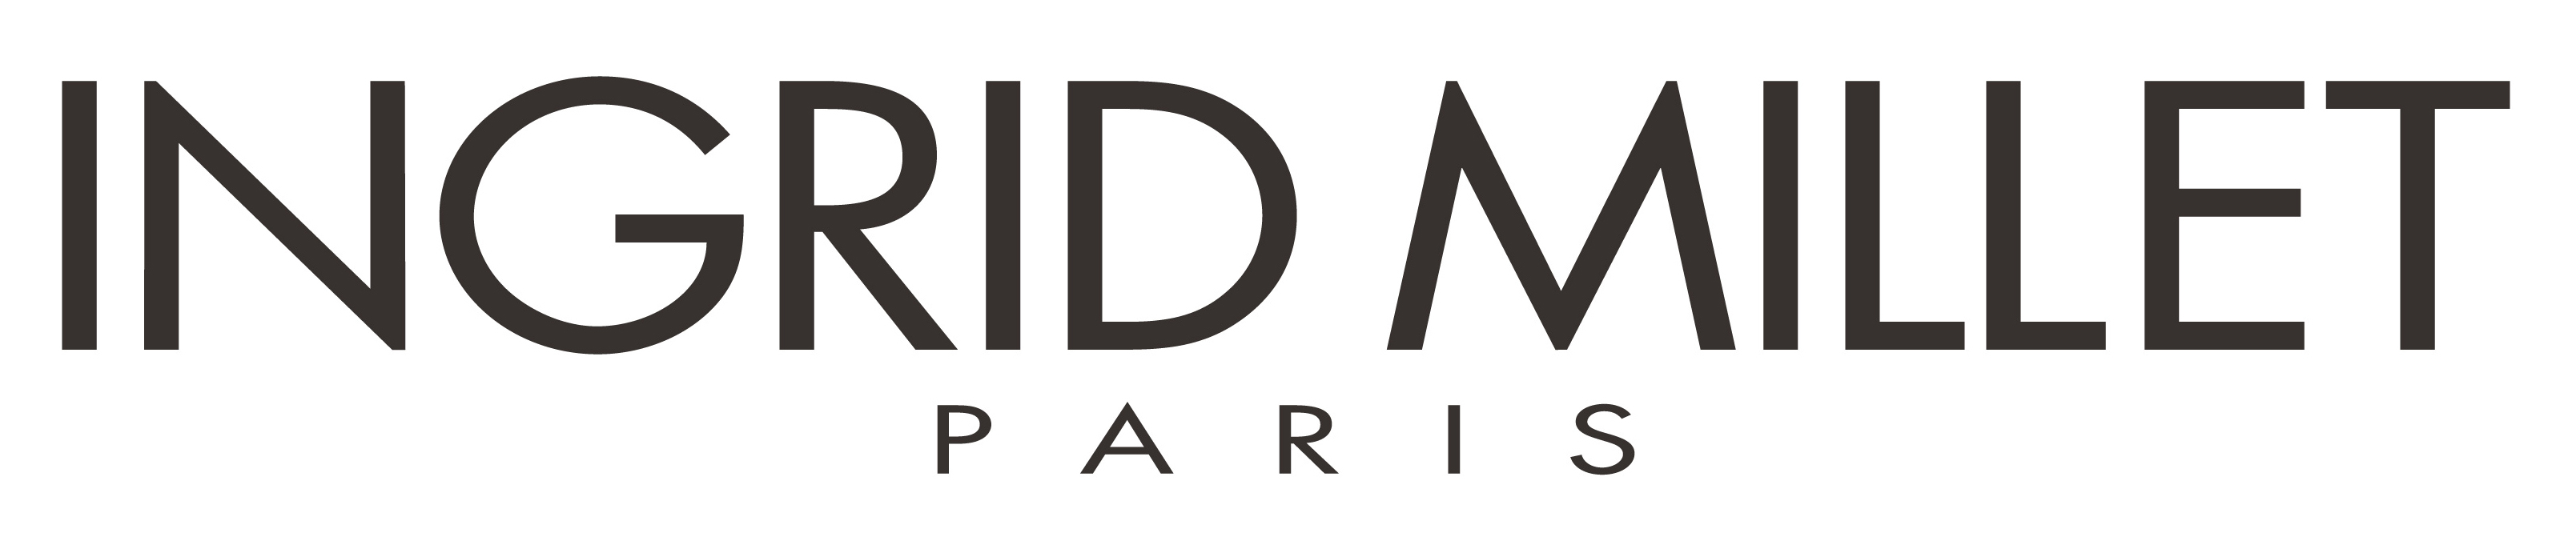 Ingrid Millet_logo-01.jpg